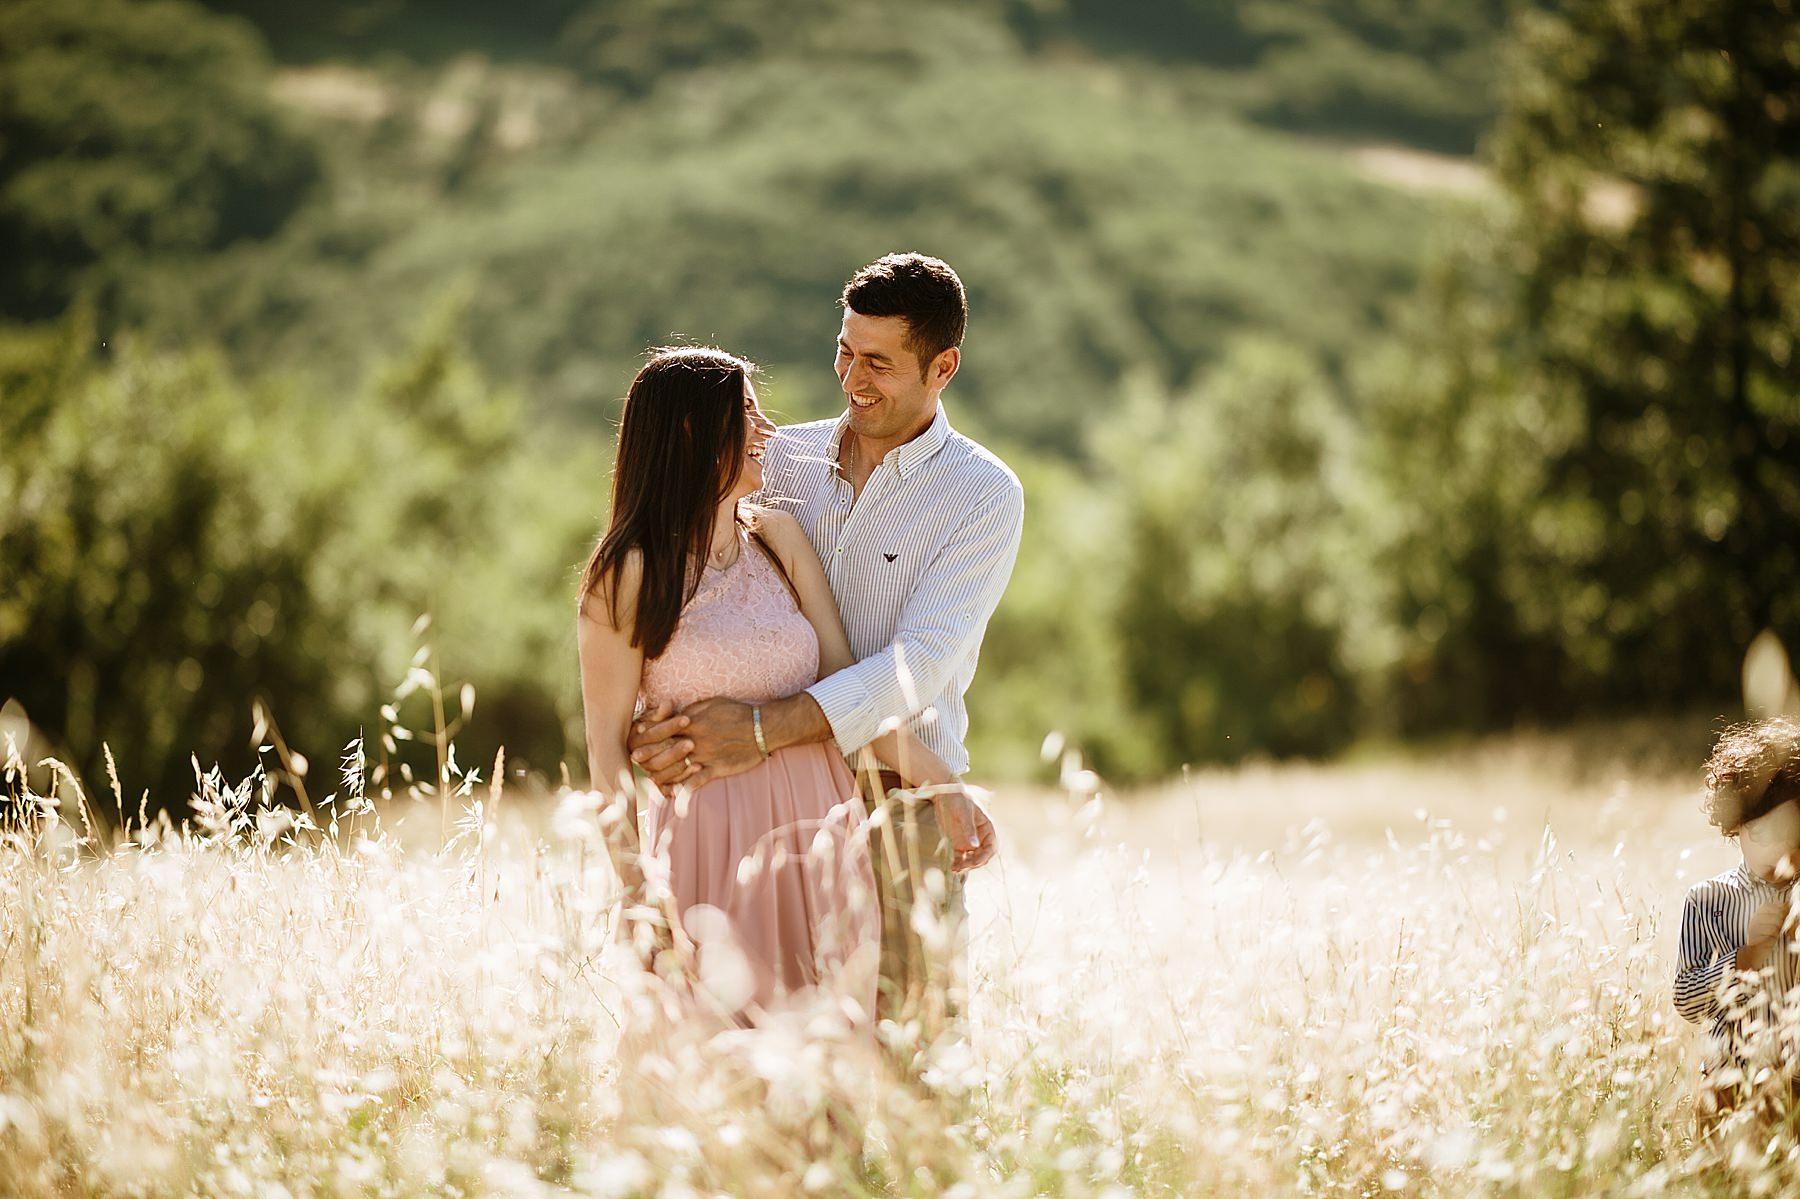 momento romantico tra moglie e marito